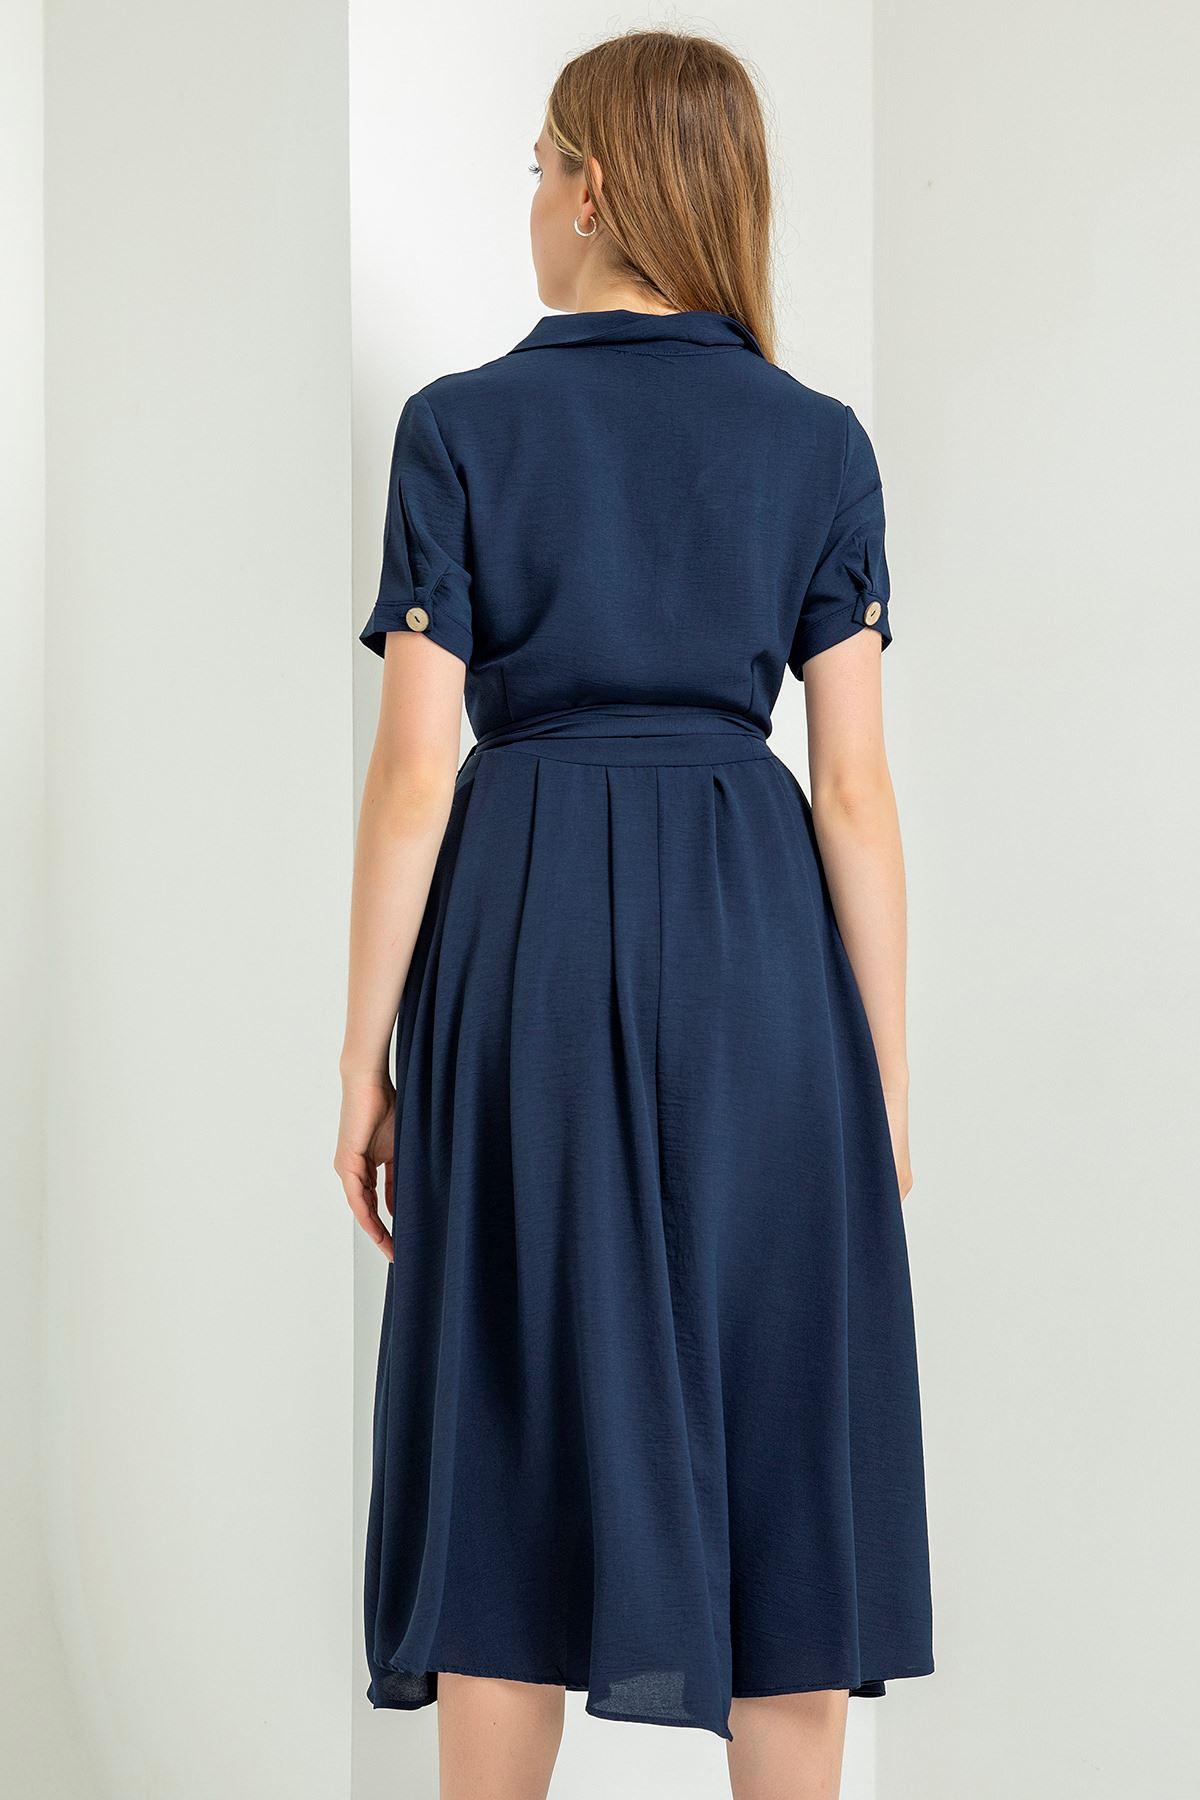 Cep Detay Elbise-Lacivert